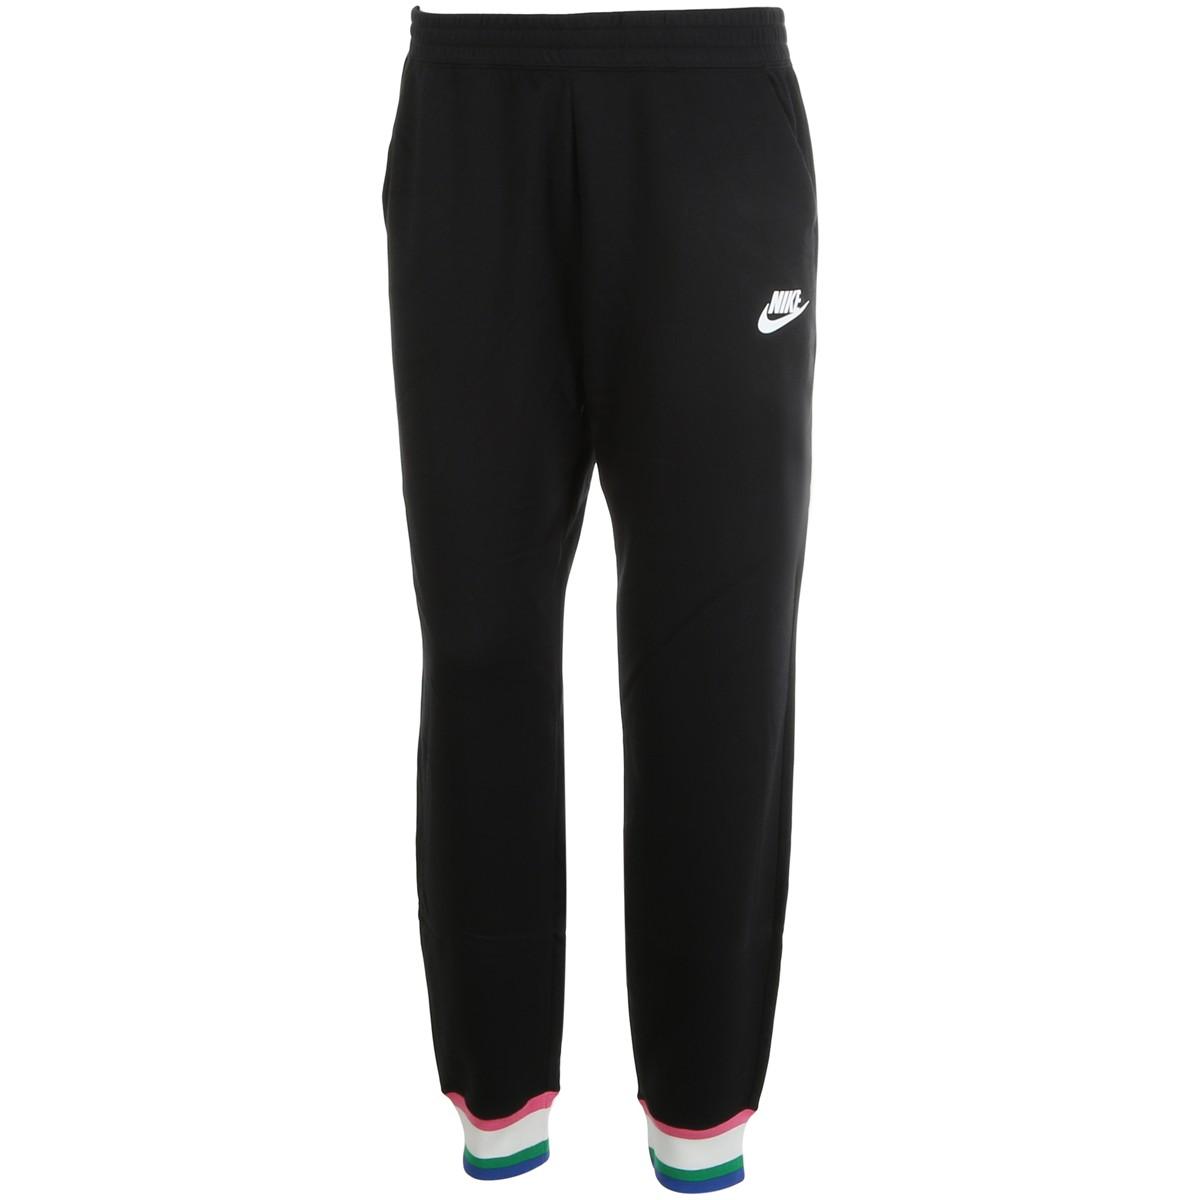 Zwarte dames broek Nike Heritage Fleece - CU5909-011